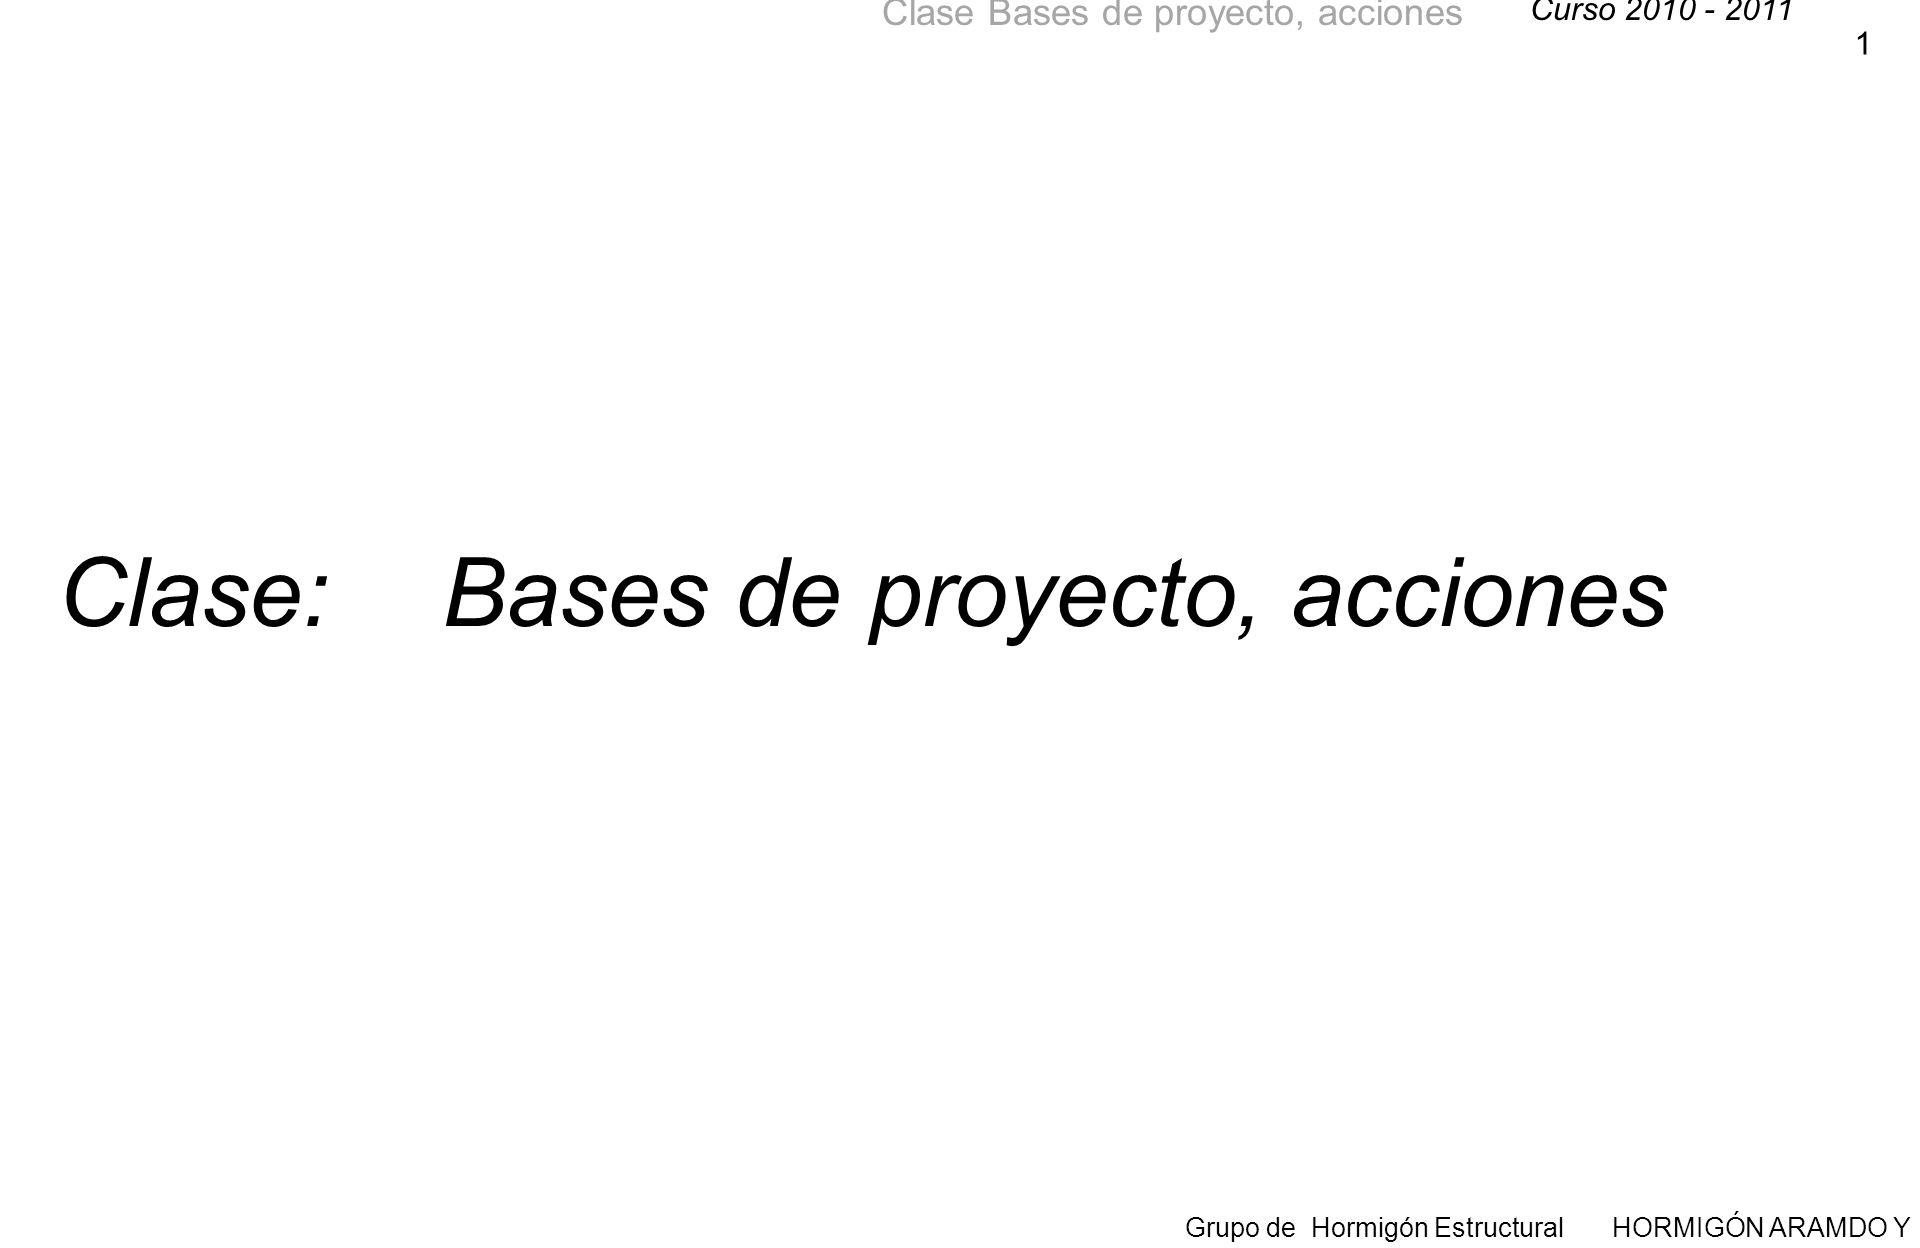 Curso 2010 - 2011 Grupo de Hormigón Estructural HORMIGÓN ARAMDO Y PRETENSADO II Clase Bases de proyecto, acciones 12 2.3.